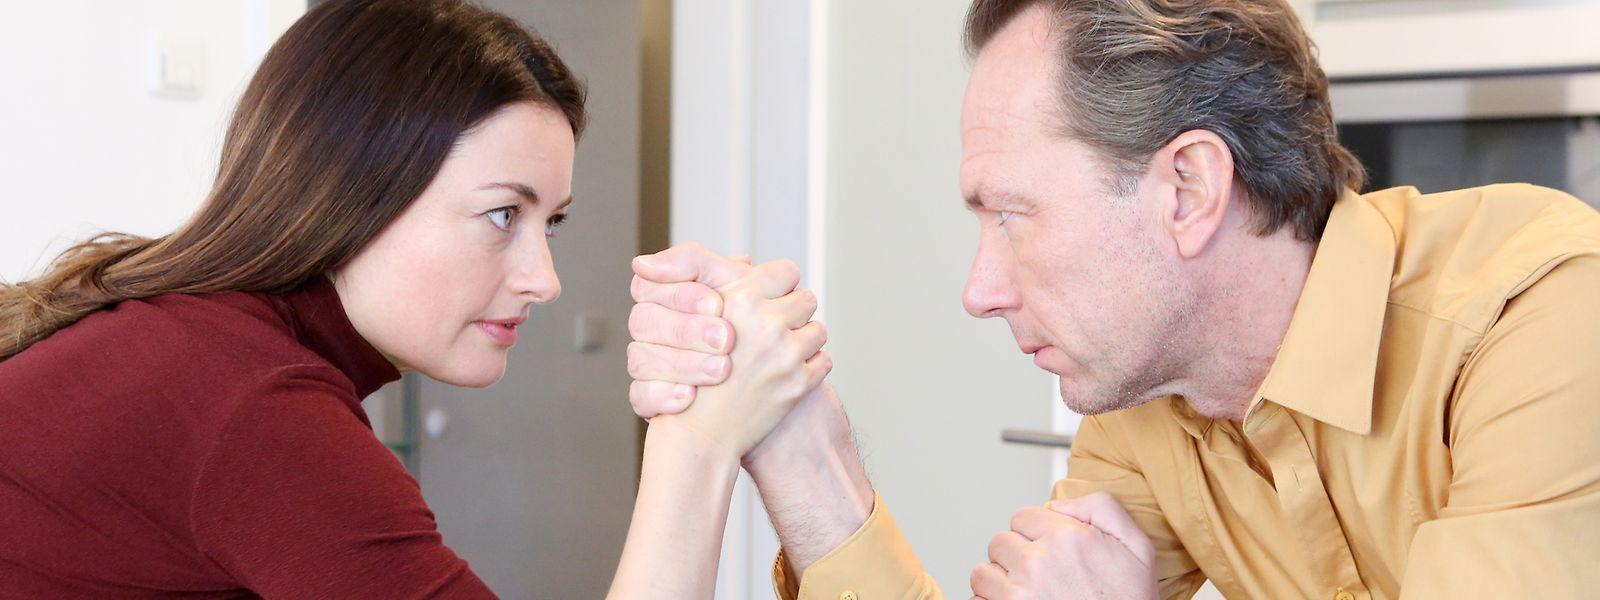 Hinter dem Kräftemessen in der Partnerschaft kann der Wunsch nach Abgrenzung, aber auch geringes Selbstwertgefühl stecken.